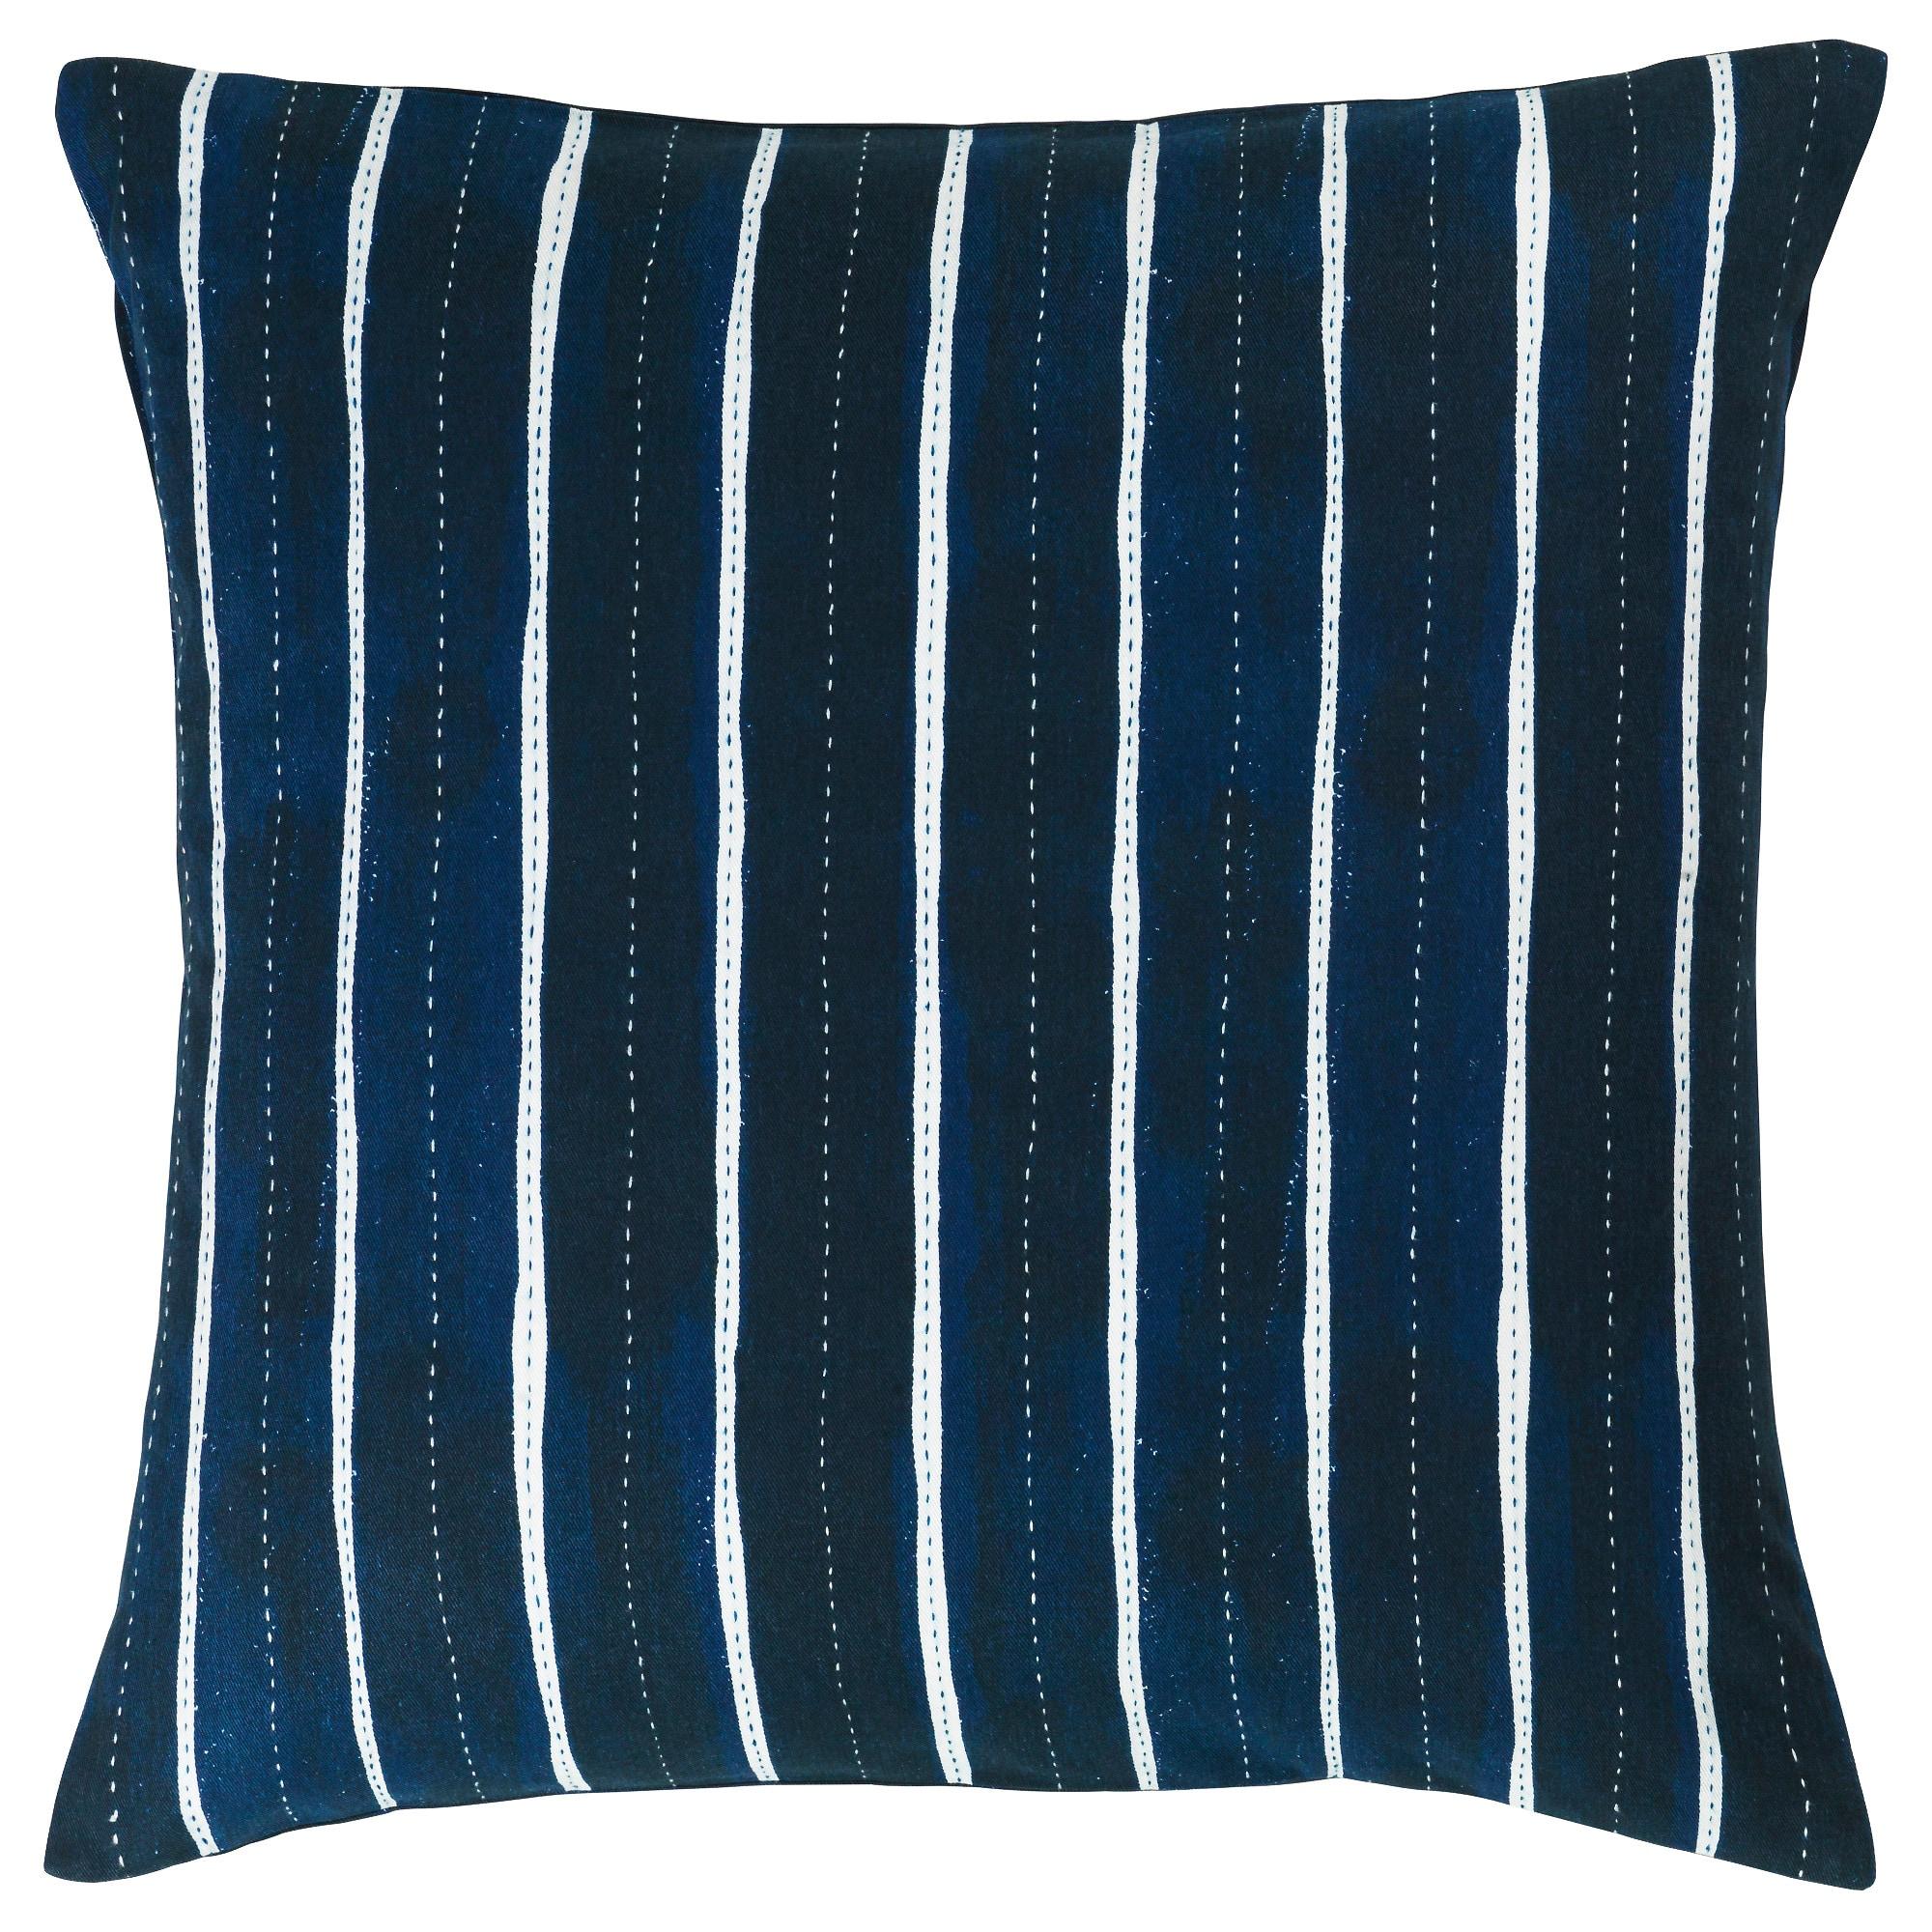 IKEA INNEHÅLLSRIK Kissenbezug,Handarbeit blau Kissenhülle Kissenbezüge 50x50cm